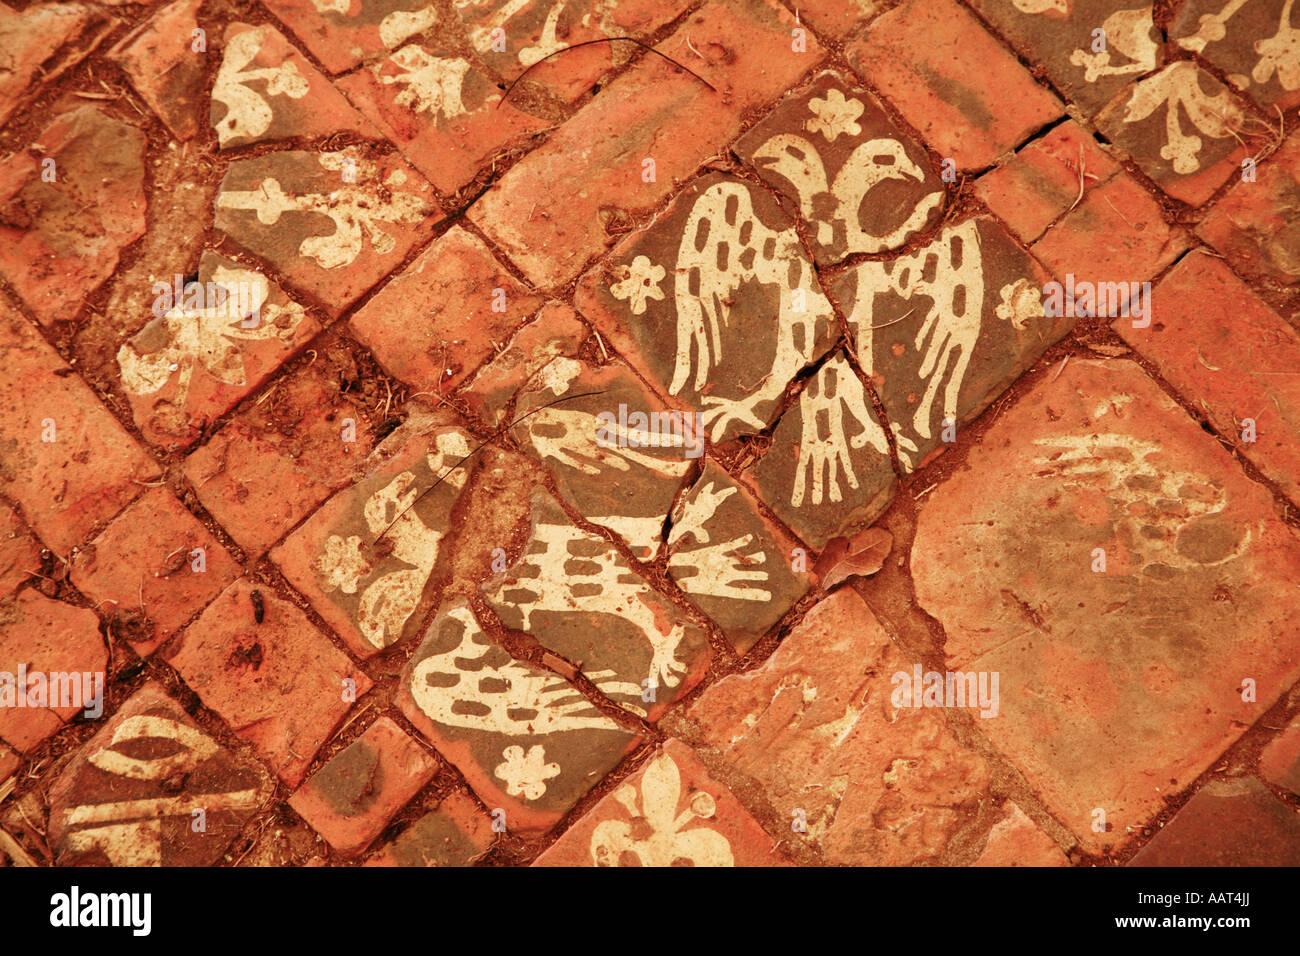 Eagle motif immagini & eagle motif fotos stock alamy